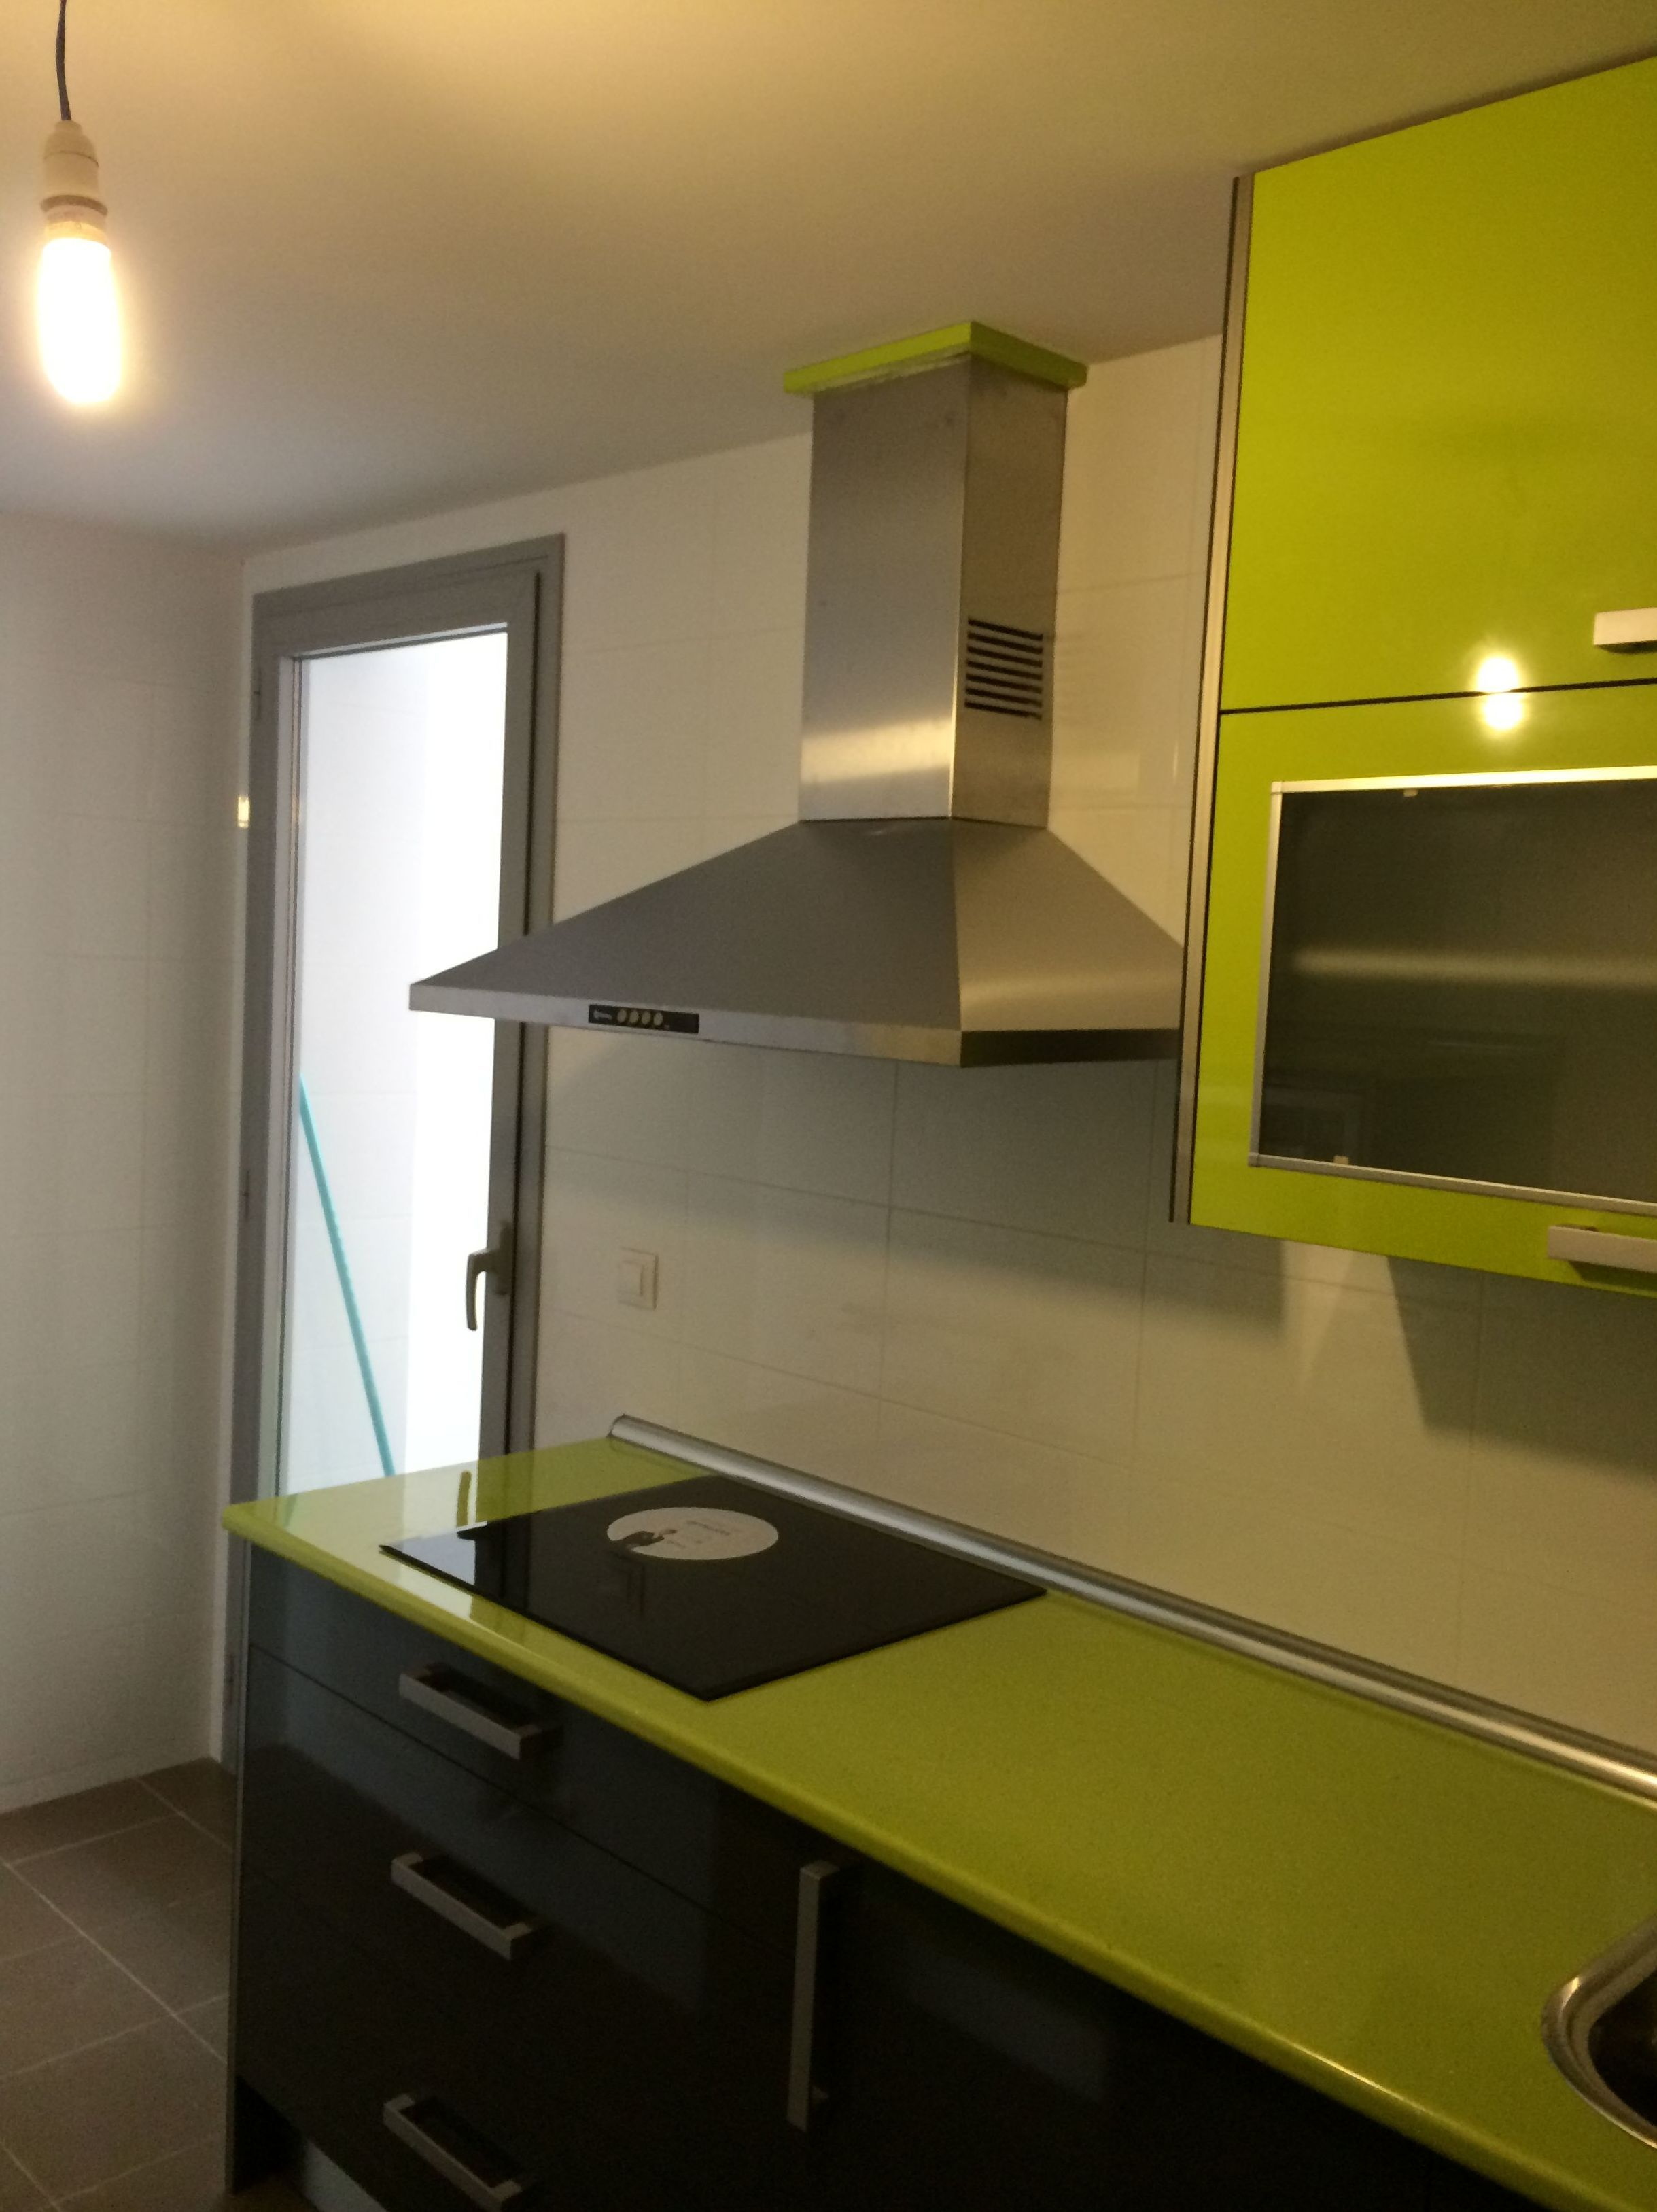 Tiendas de electrodomésticos en Alcalá de Henares - Muebles de ...